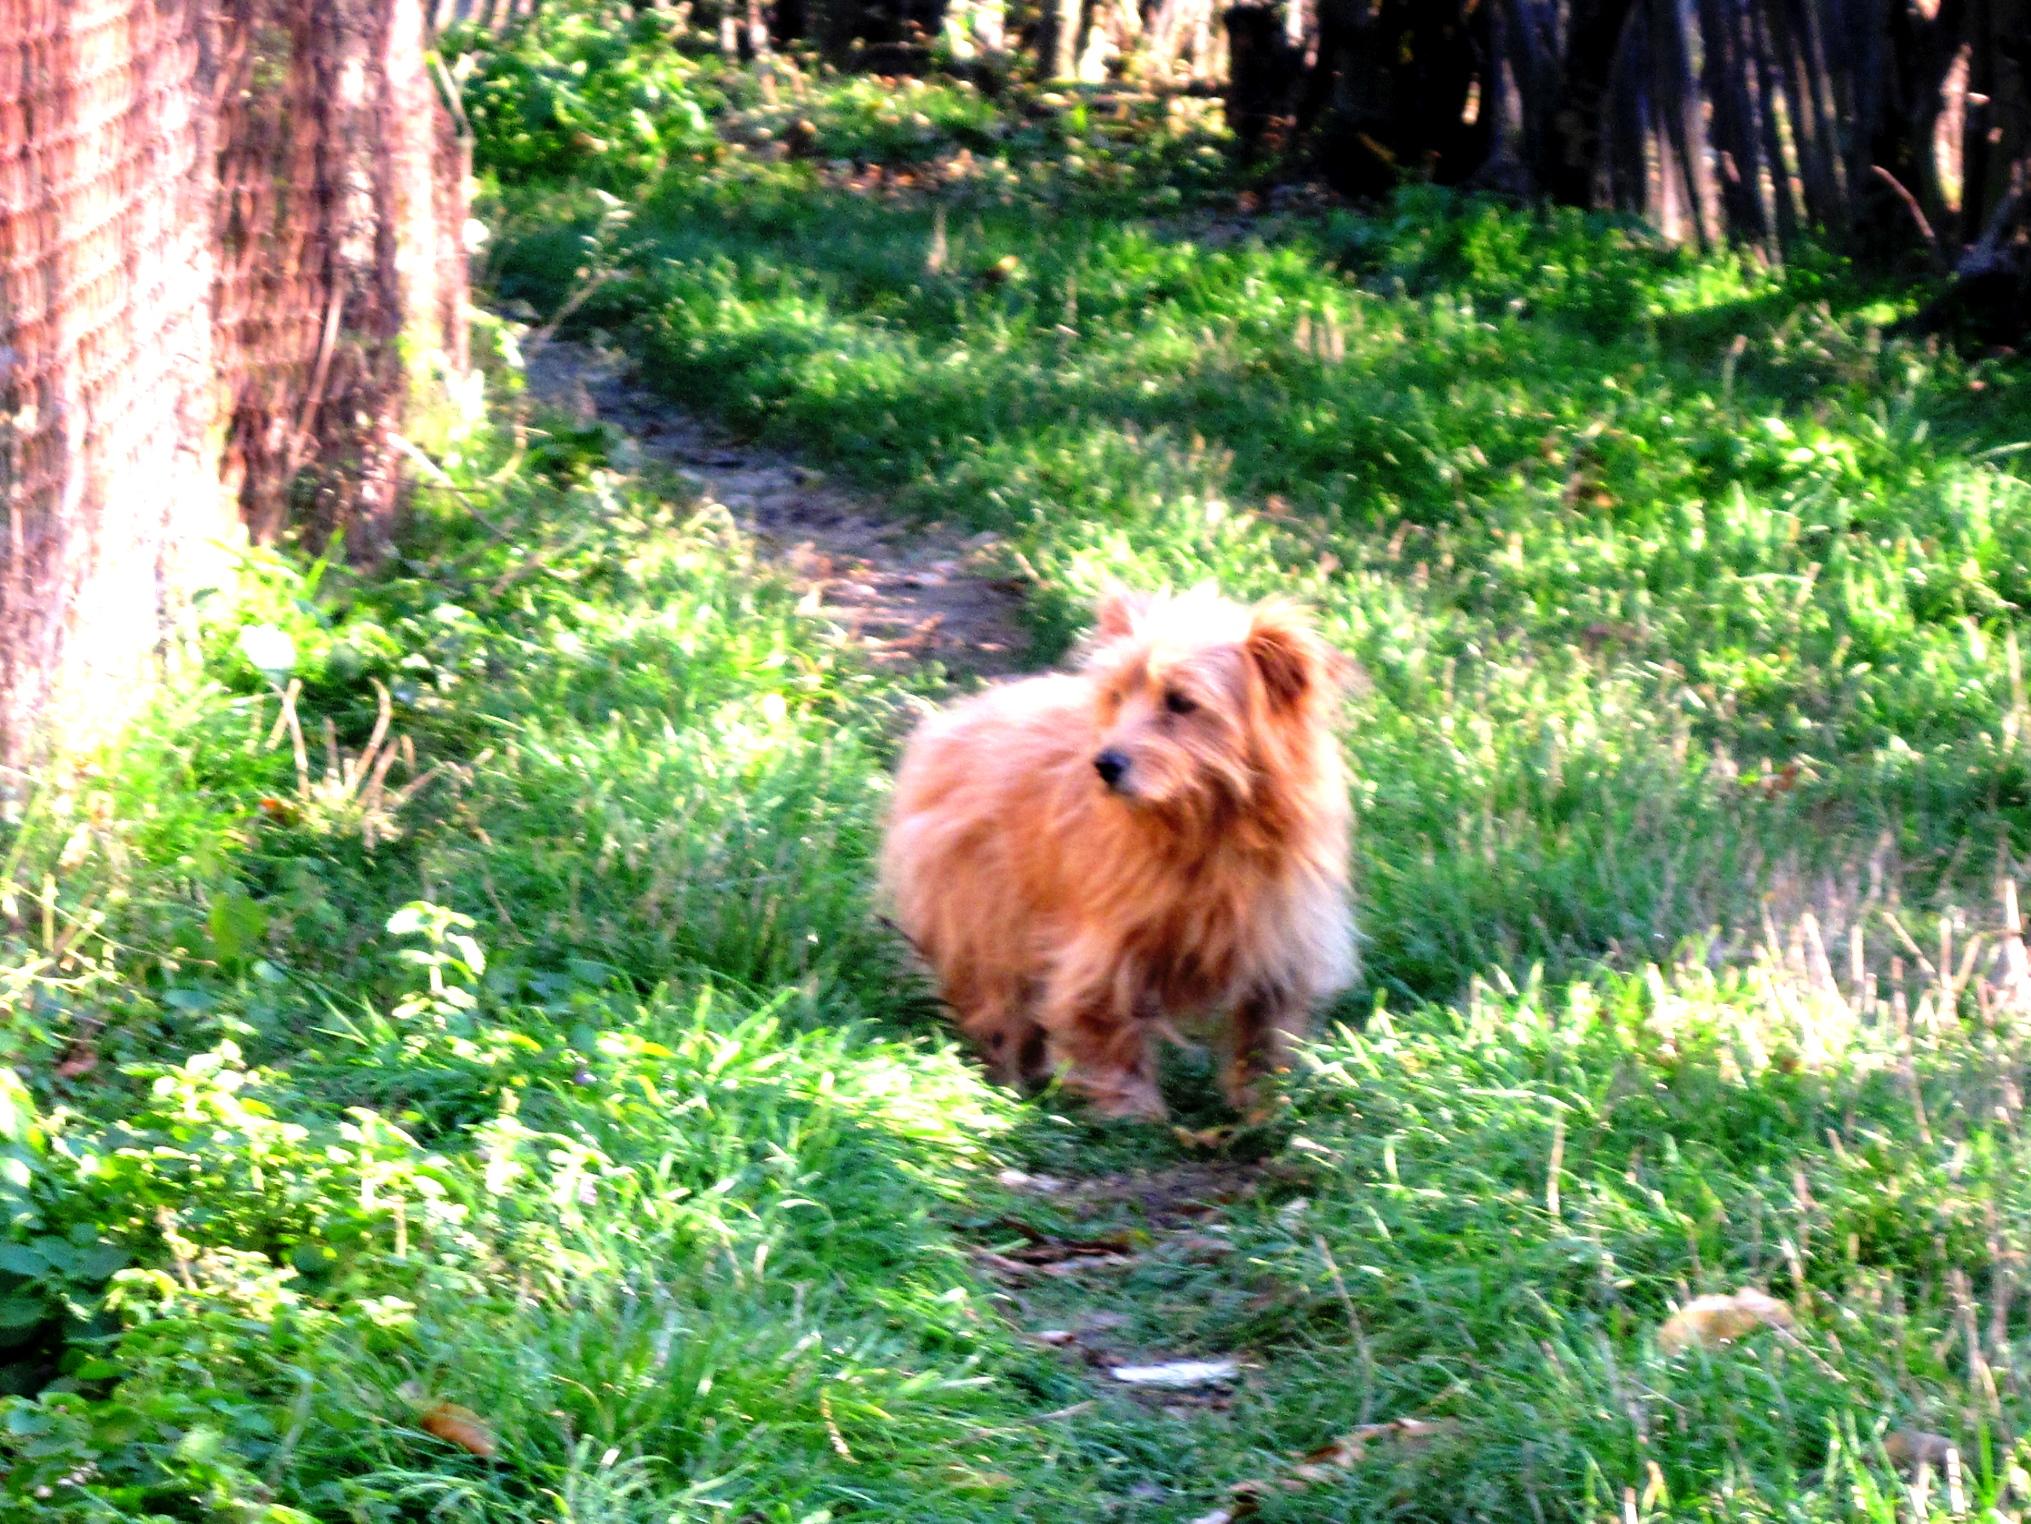 Chicca...armes, uraltes Hundemädchen - soviele nie endende Jahre...